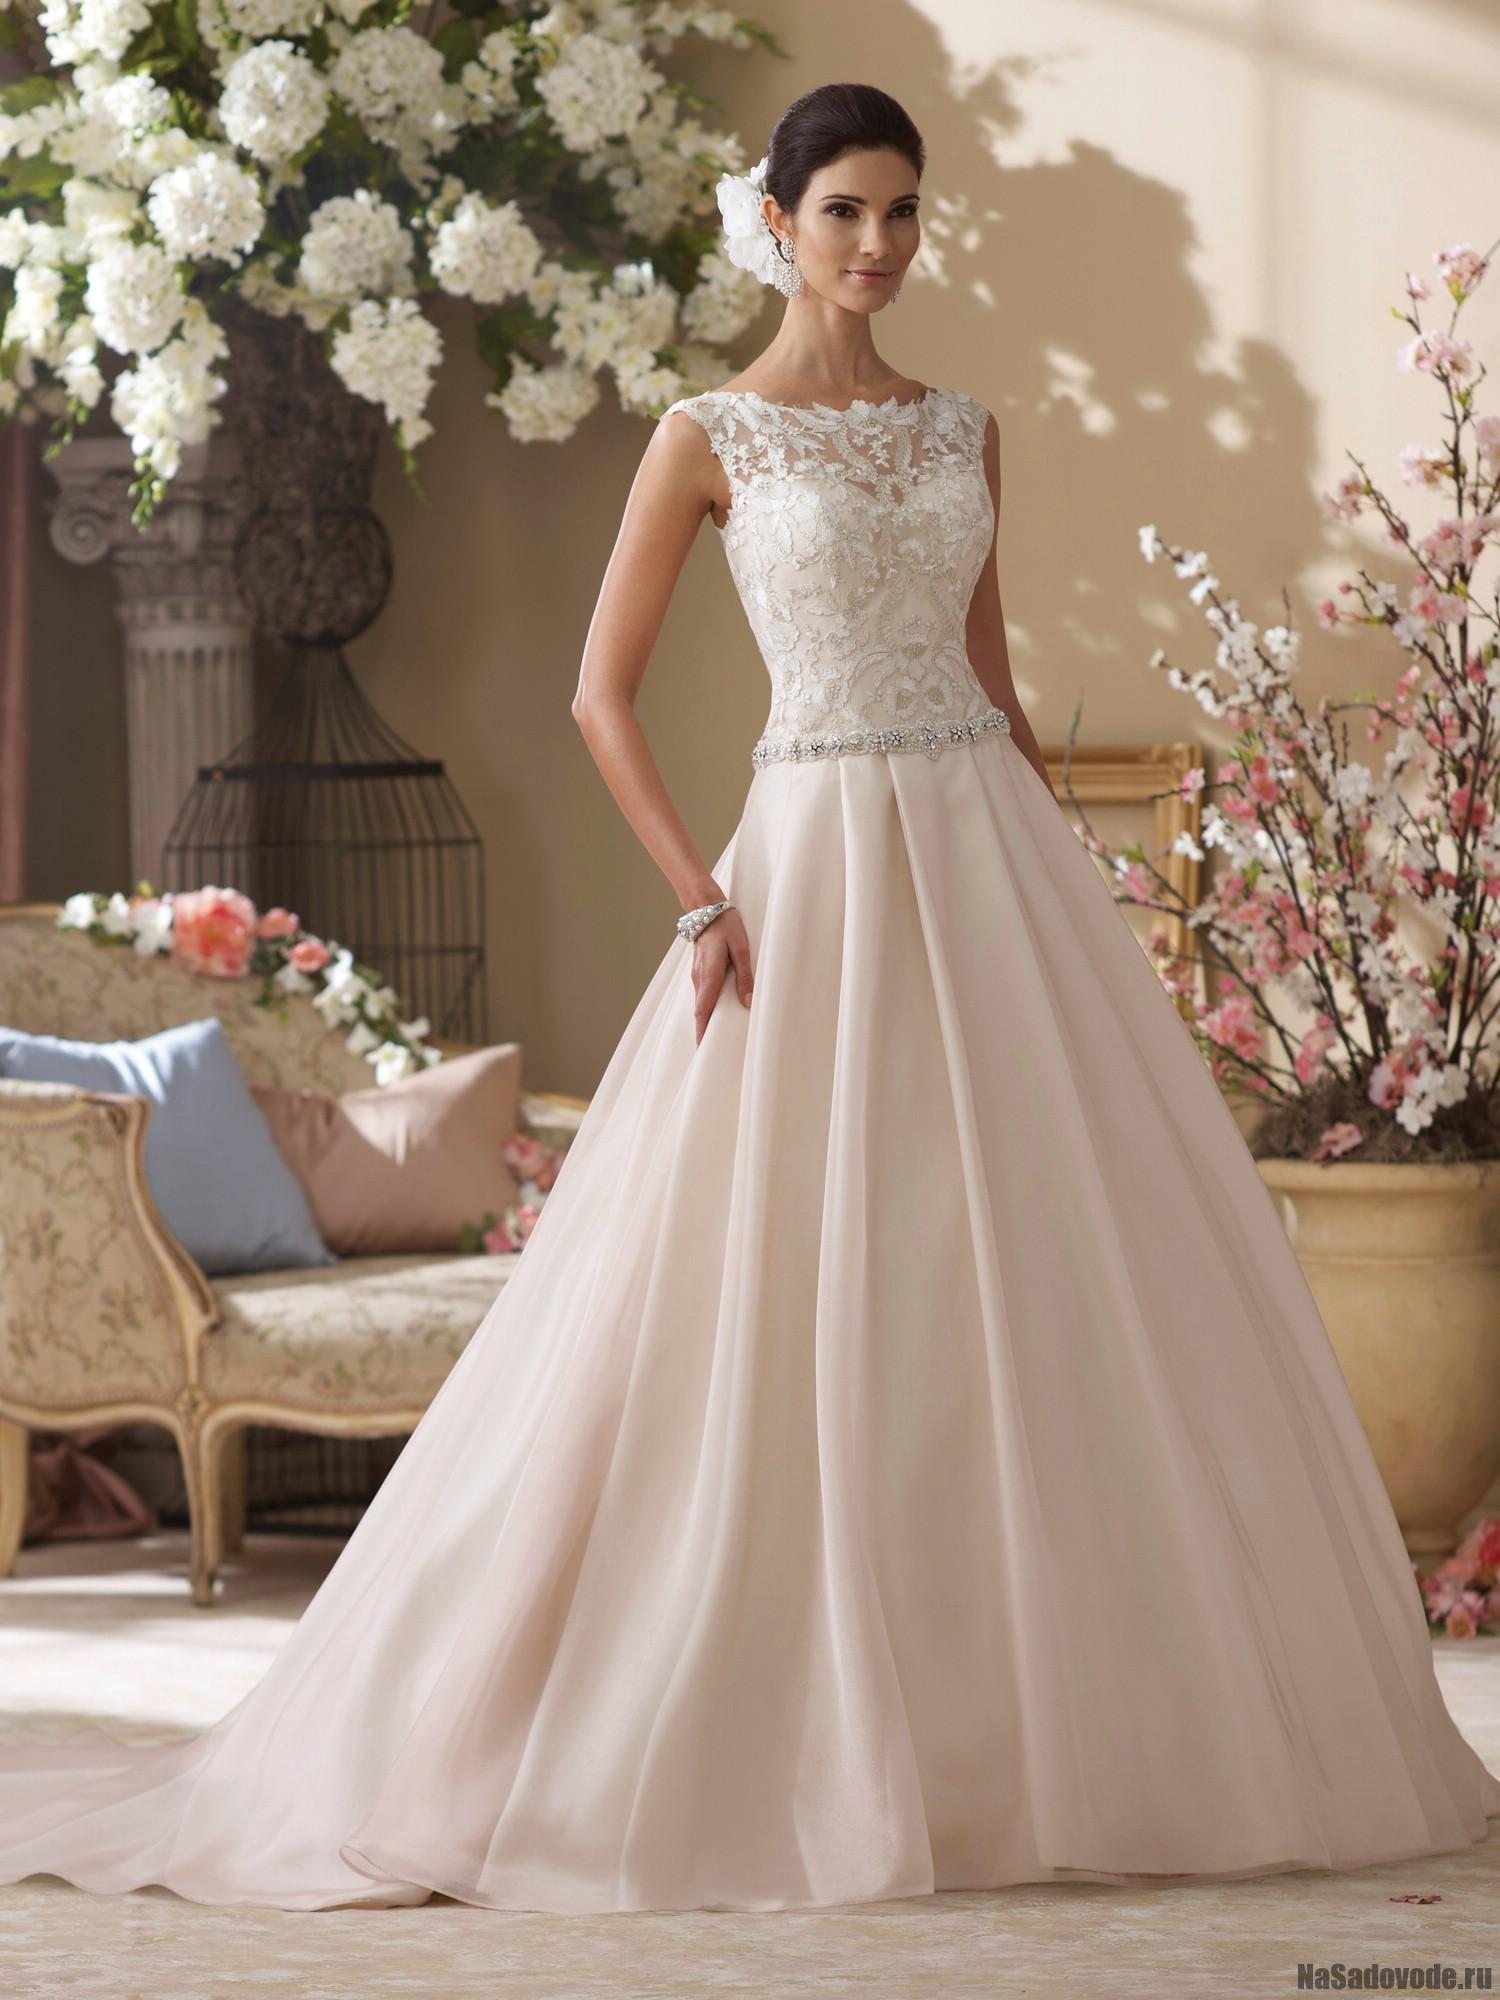 Фото свадебного платья а силуэт